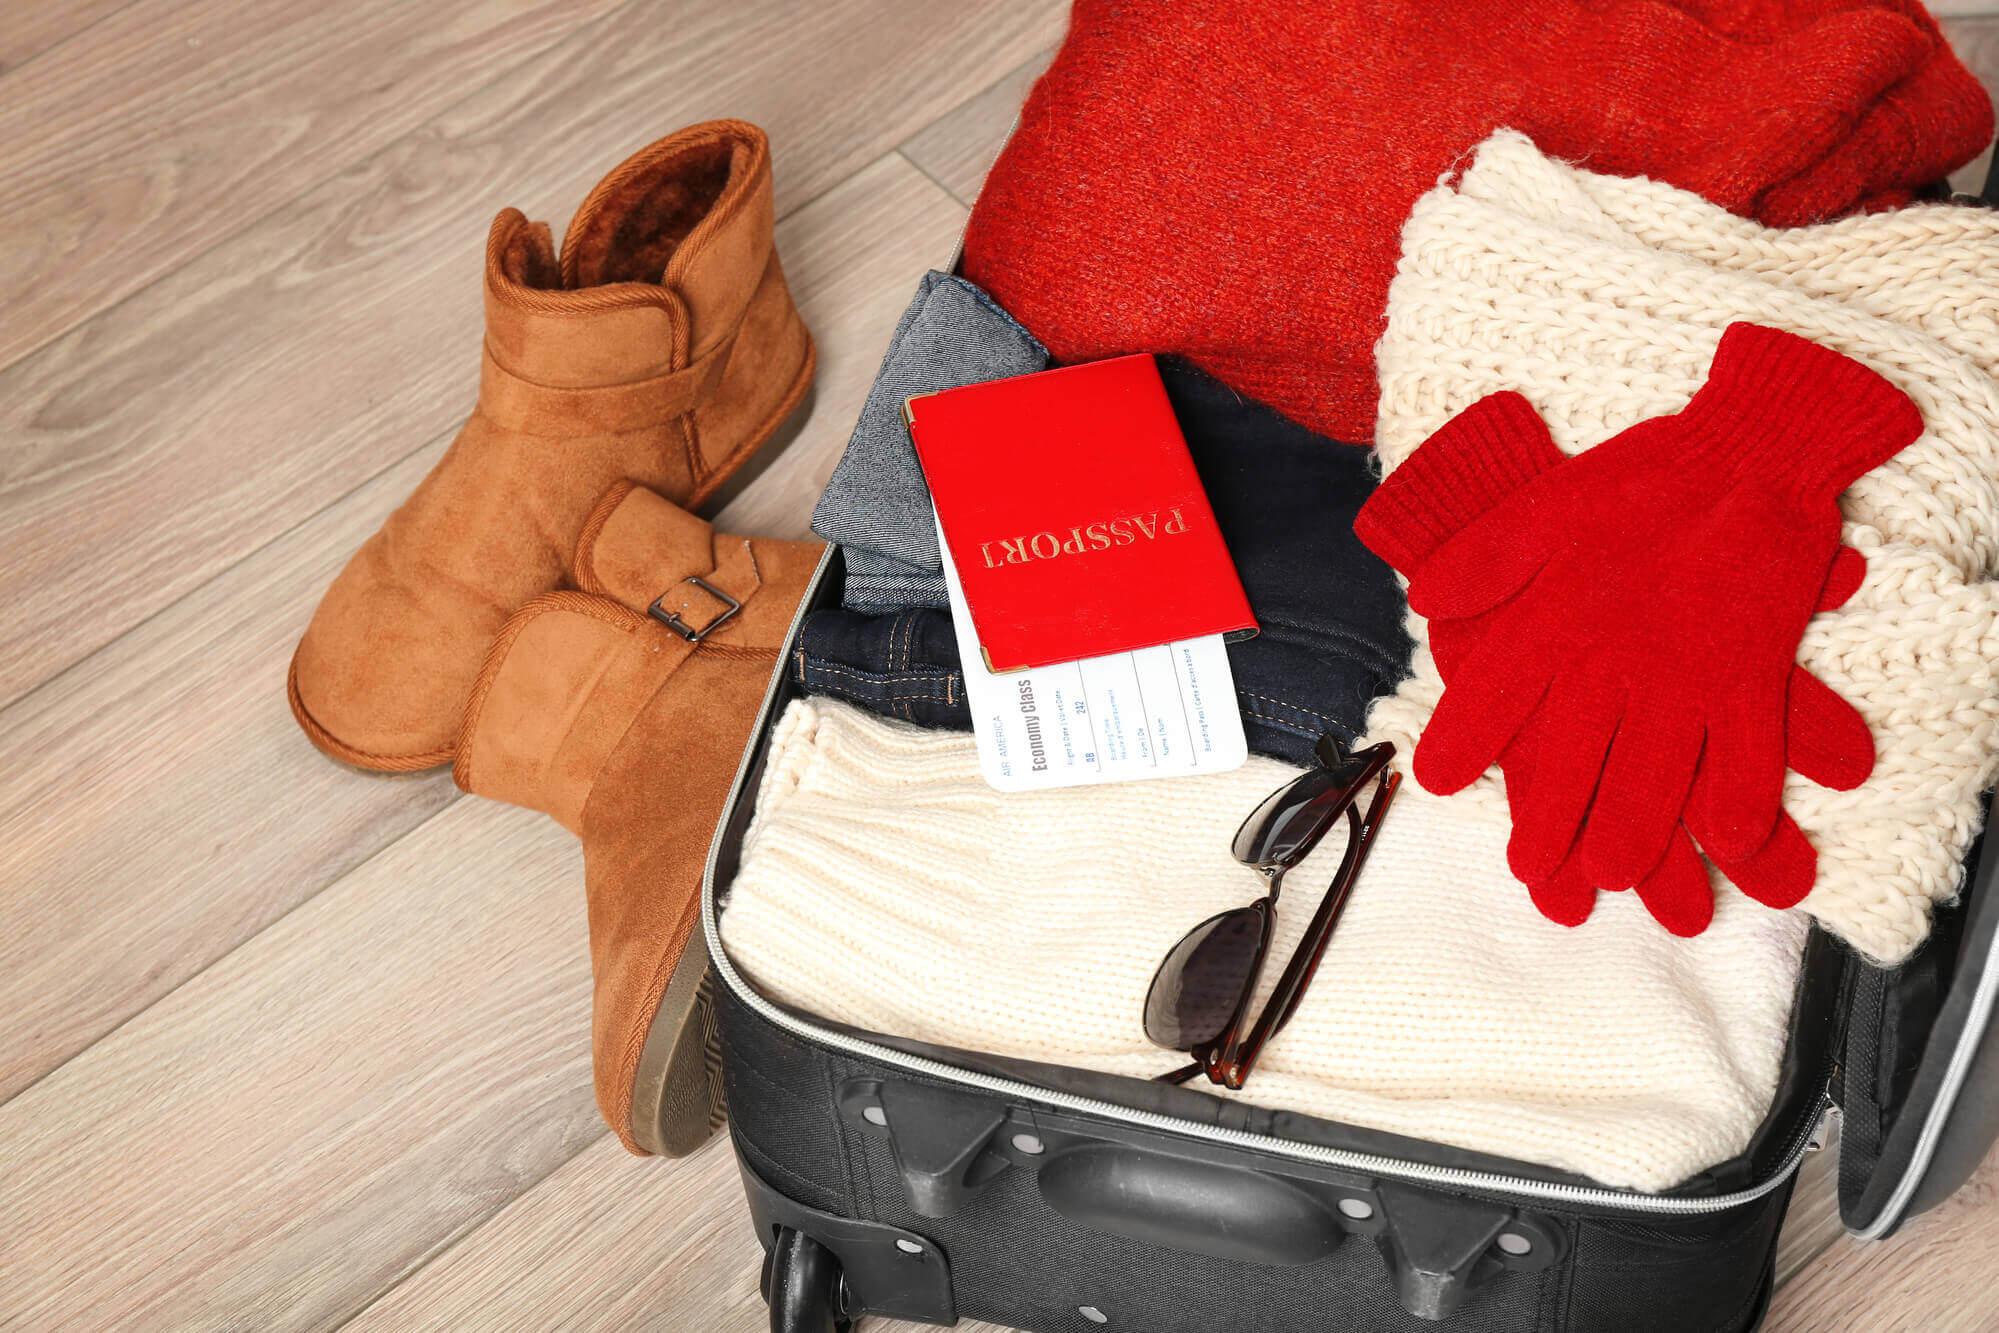 Confira alguns itens essenciais para viajar no inverno.